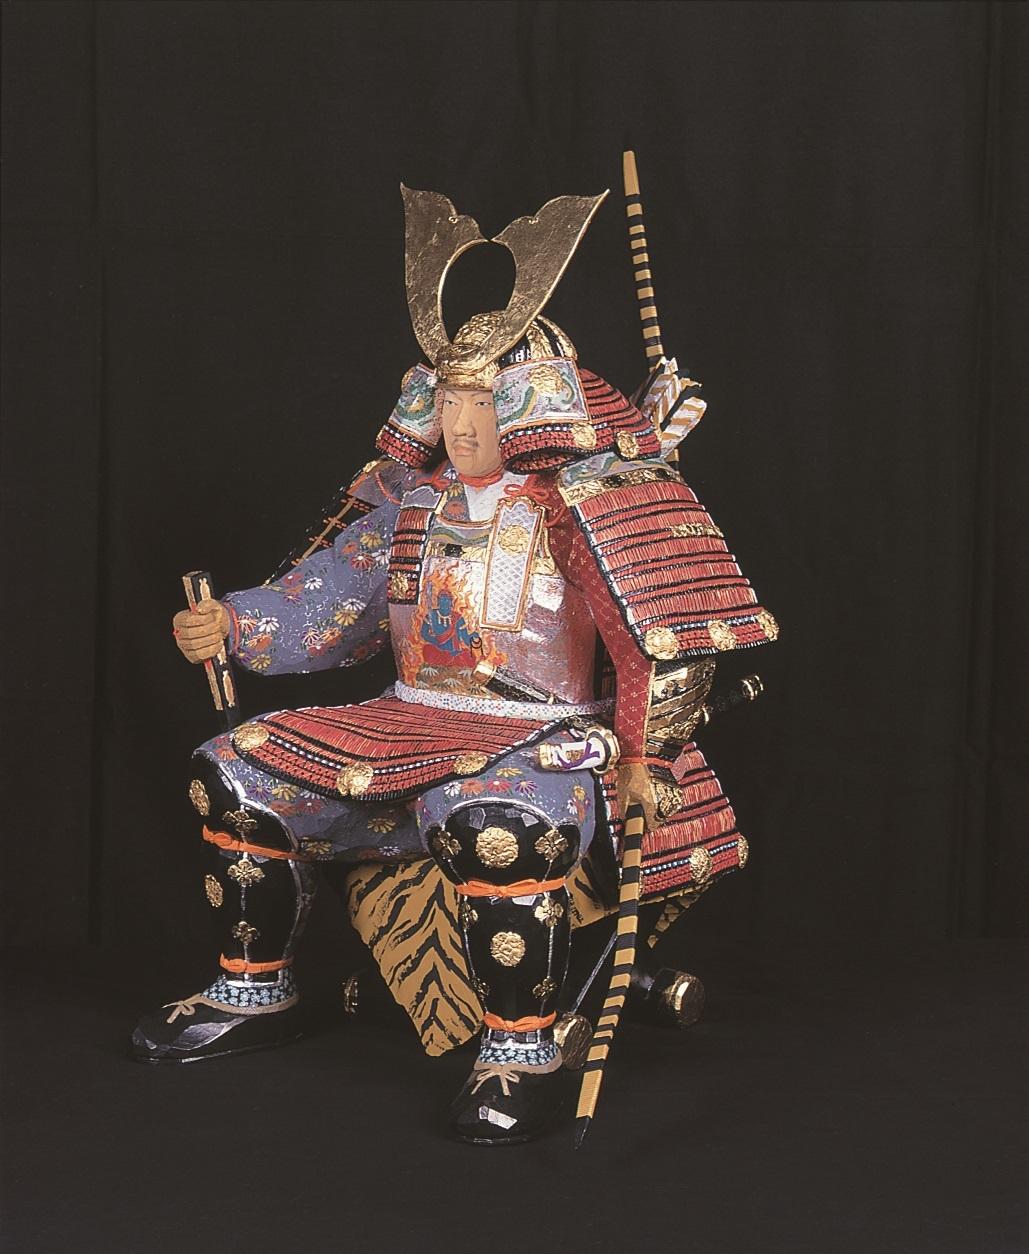 荒木義人「武者」 平成8(1996)年 個人蔵